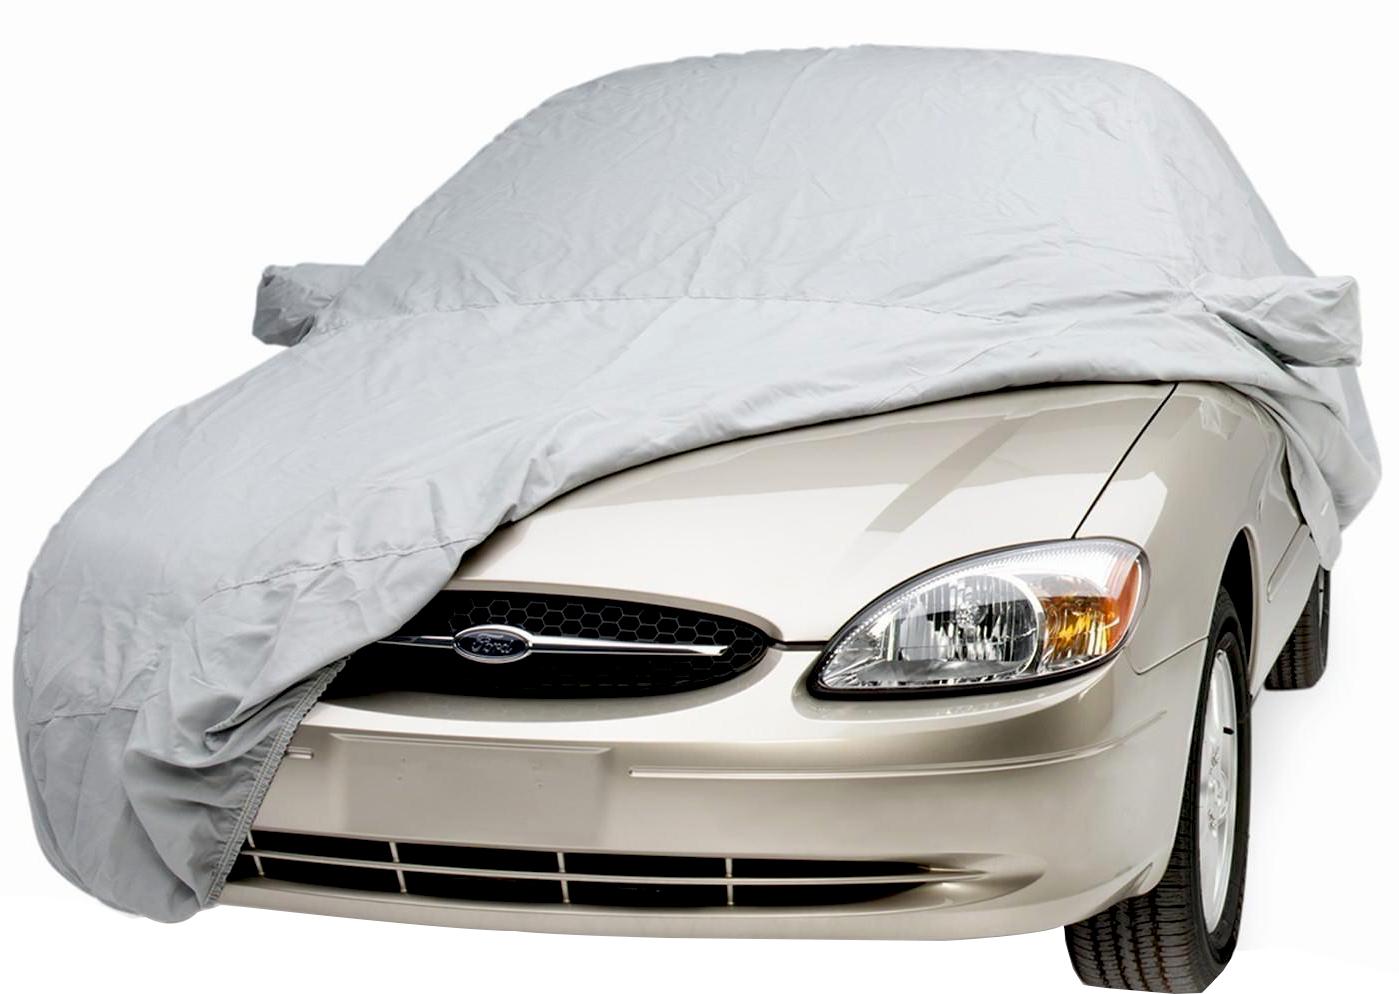 Covercraft Polycotton Car Cover  AutoAccessoriesGaragecom